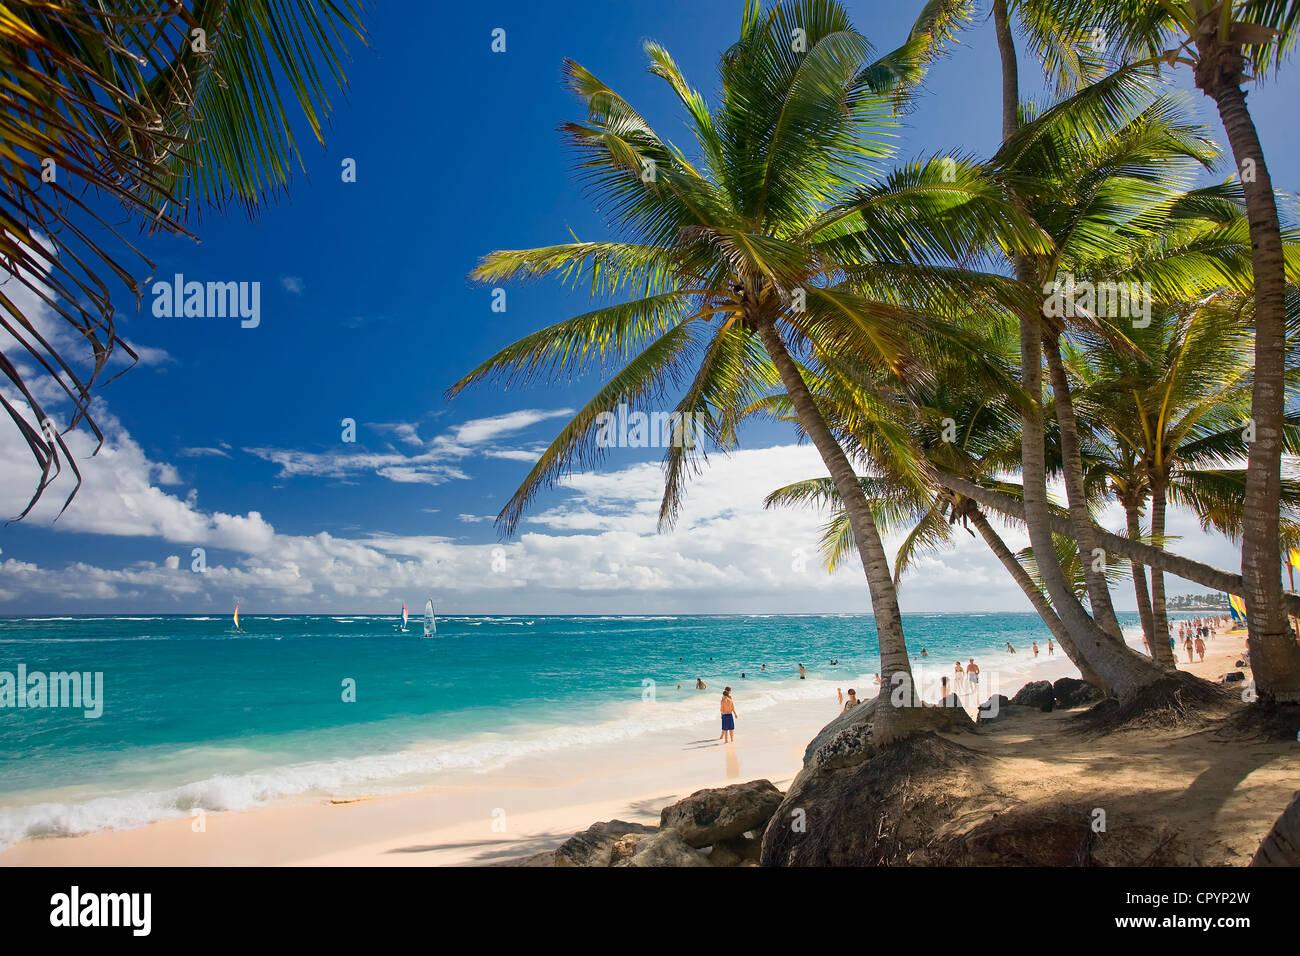 Repubblica Dominicana, La Altagracia Provincia, Punta Cana, Playa Bavaro Immagini Stock